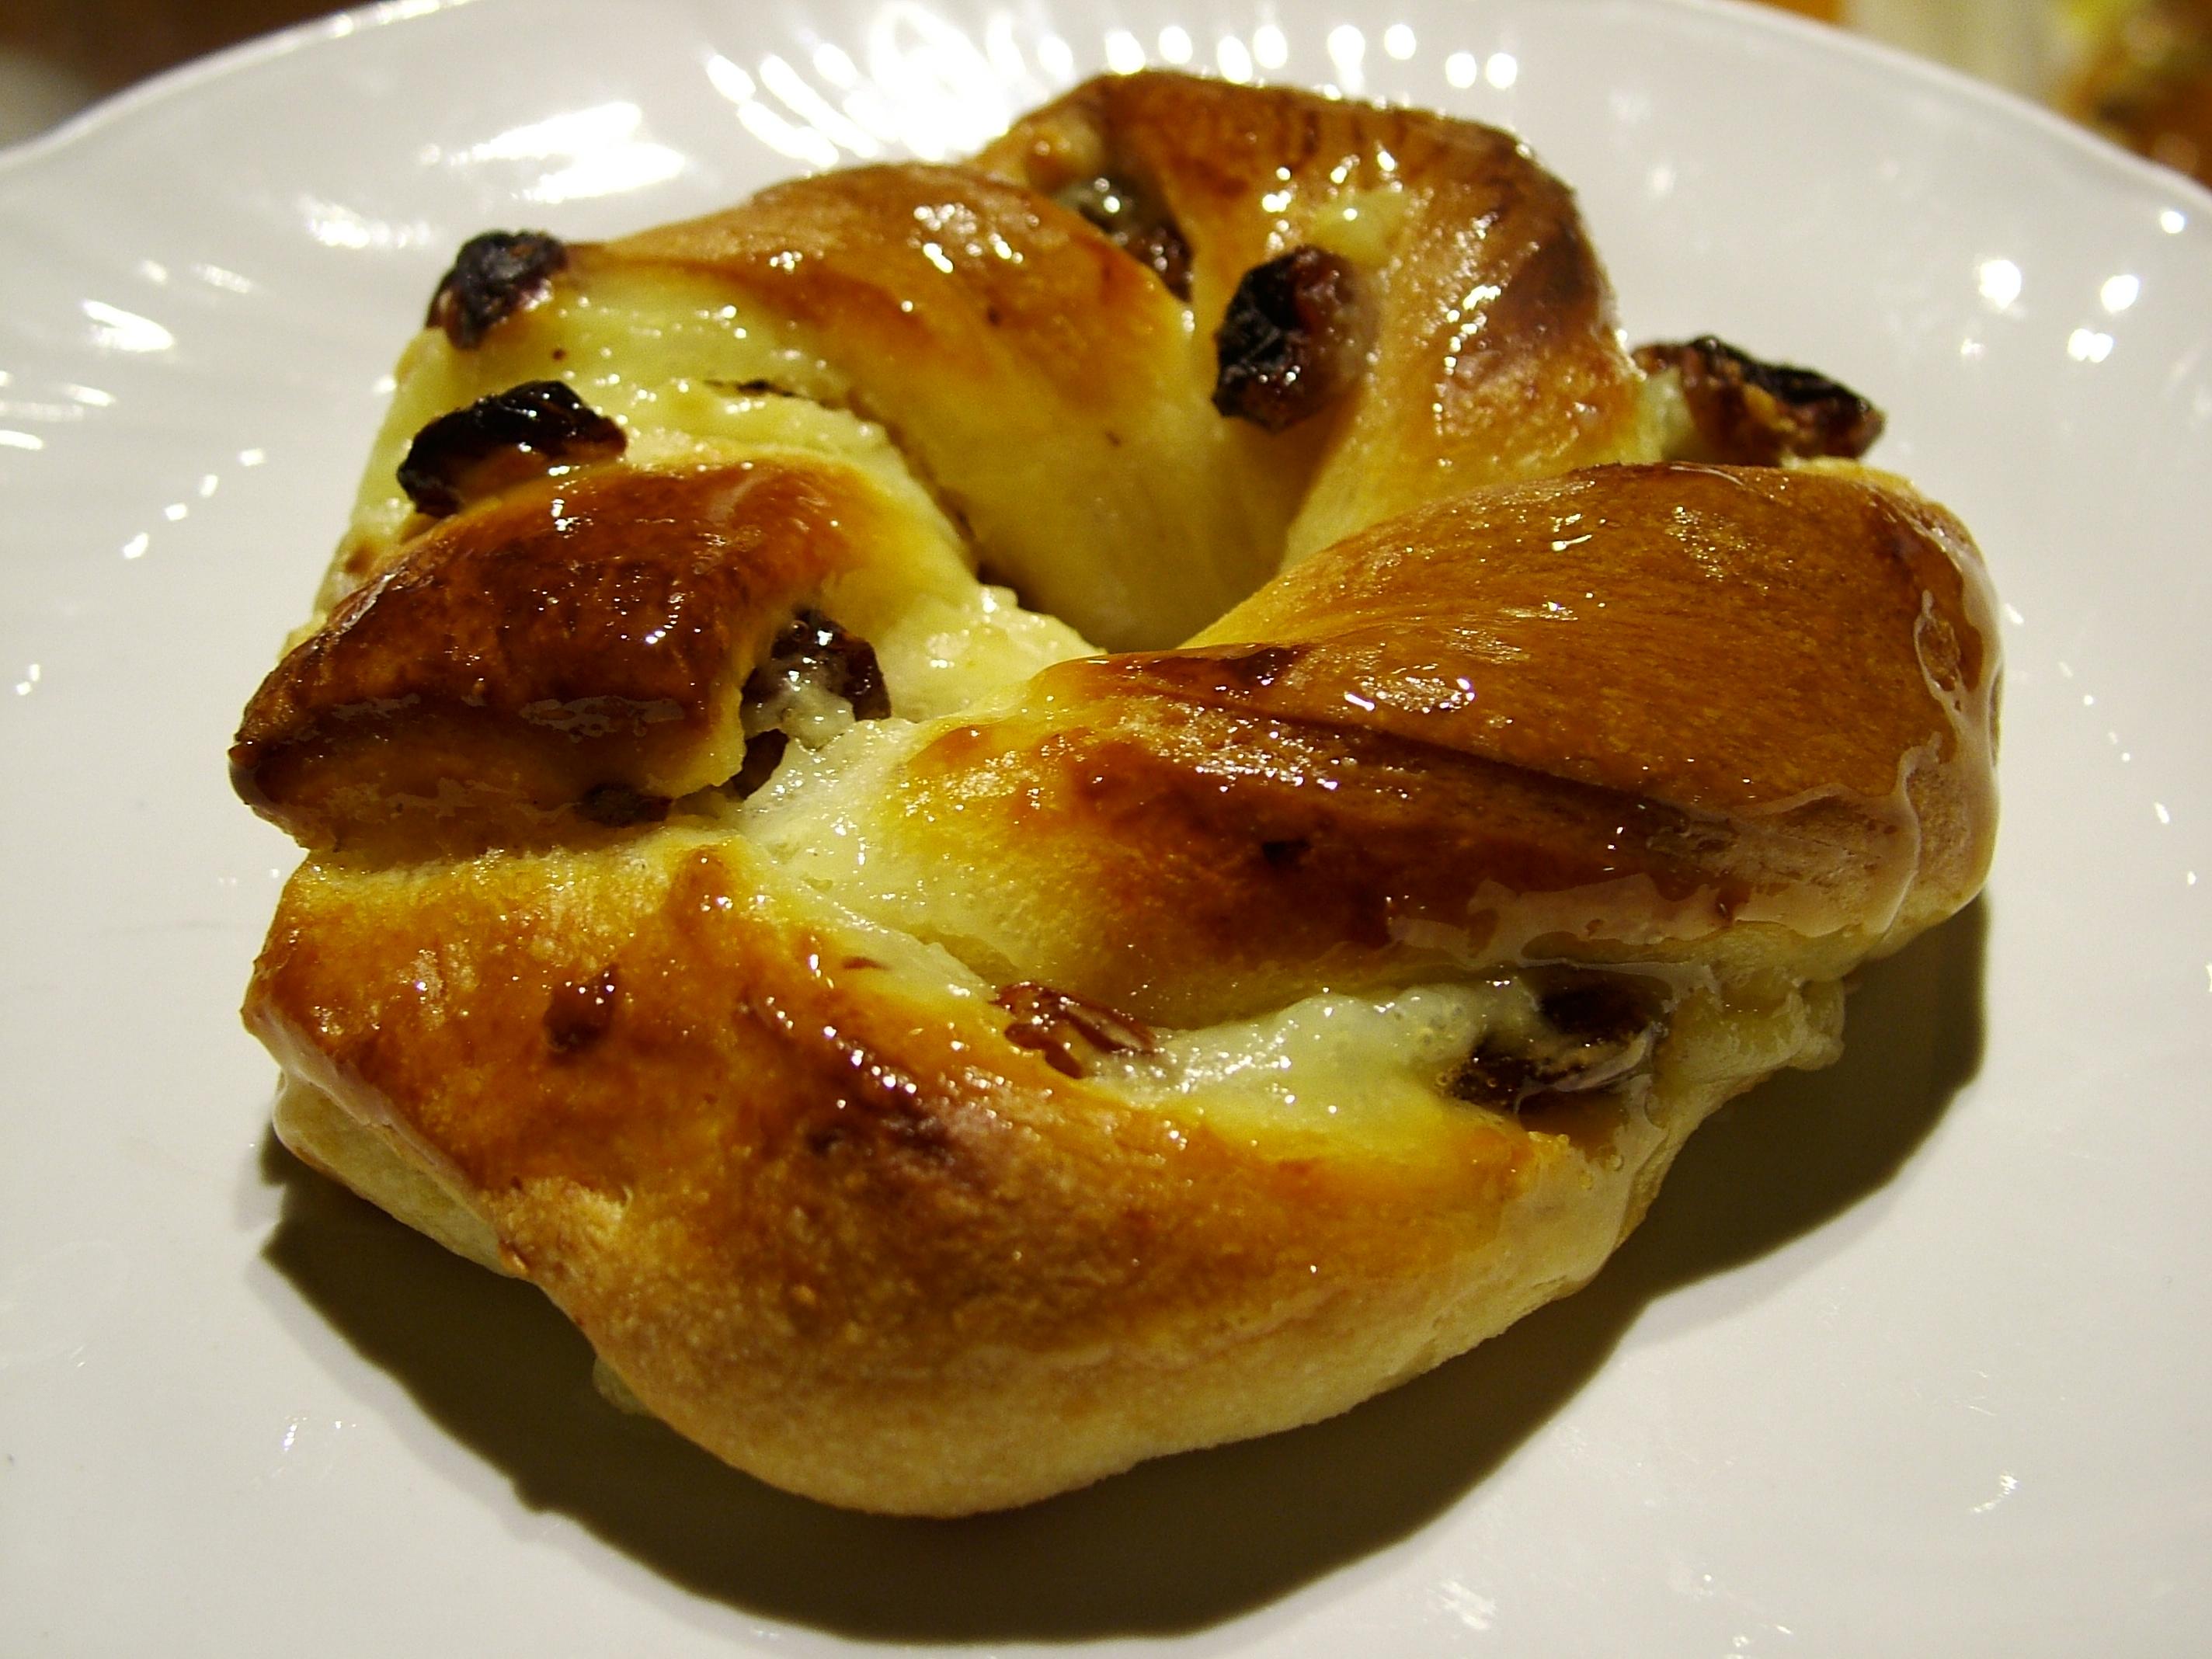 Ghirlande con crema pasticcera, uvetta e nocciole